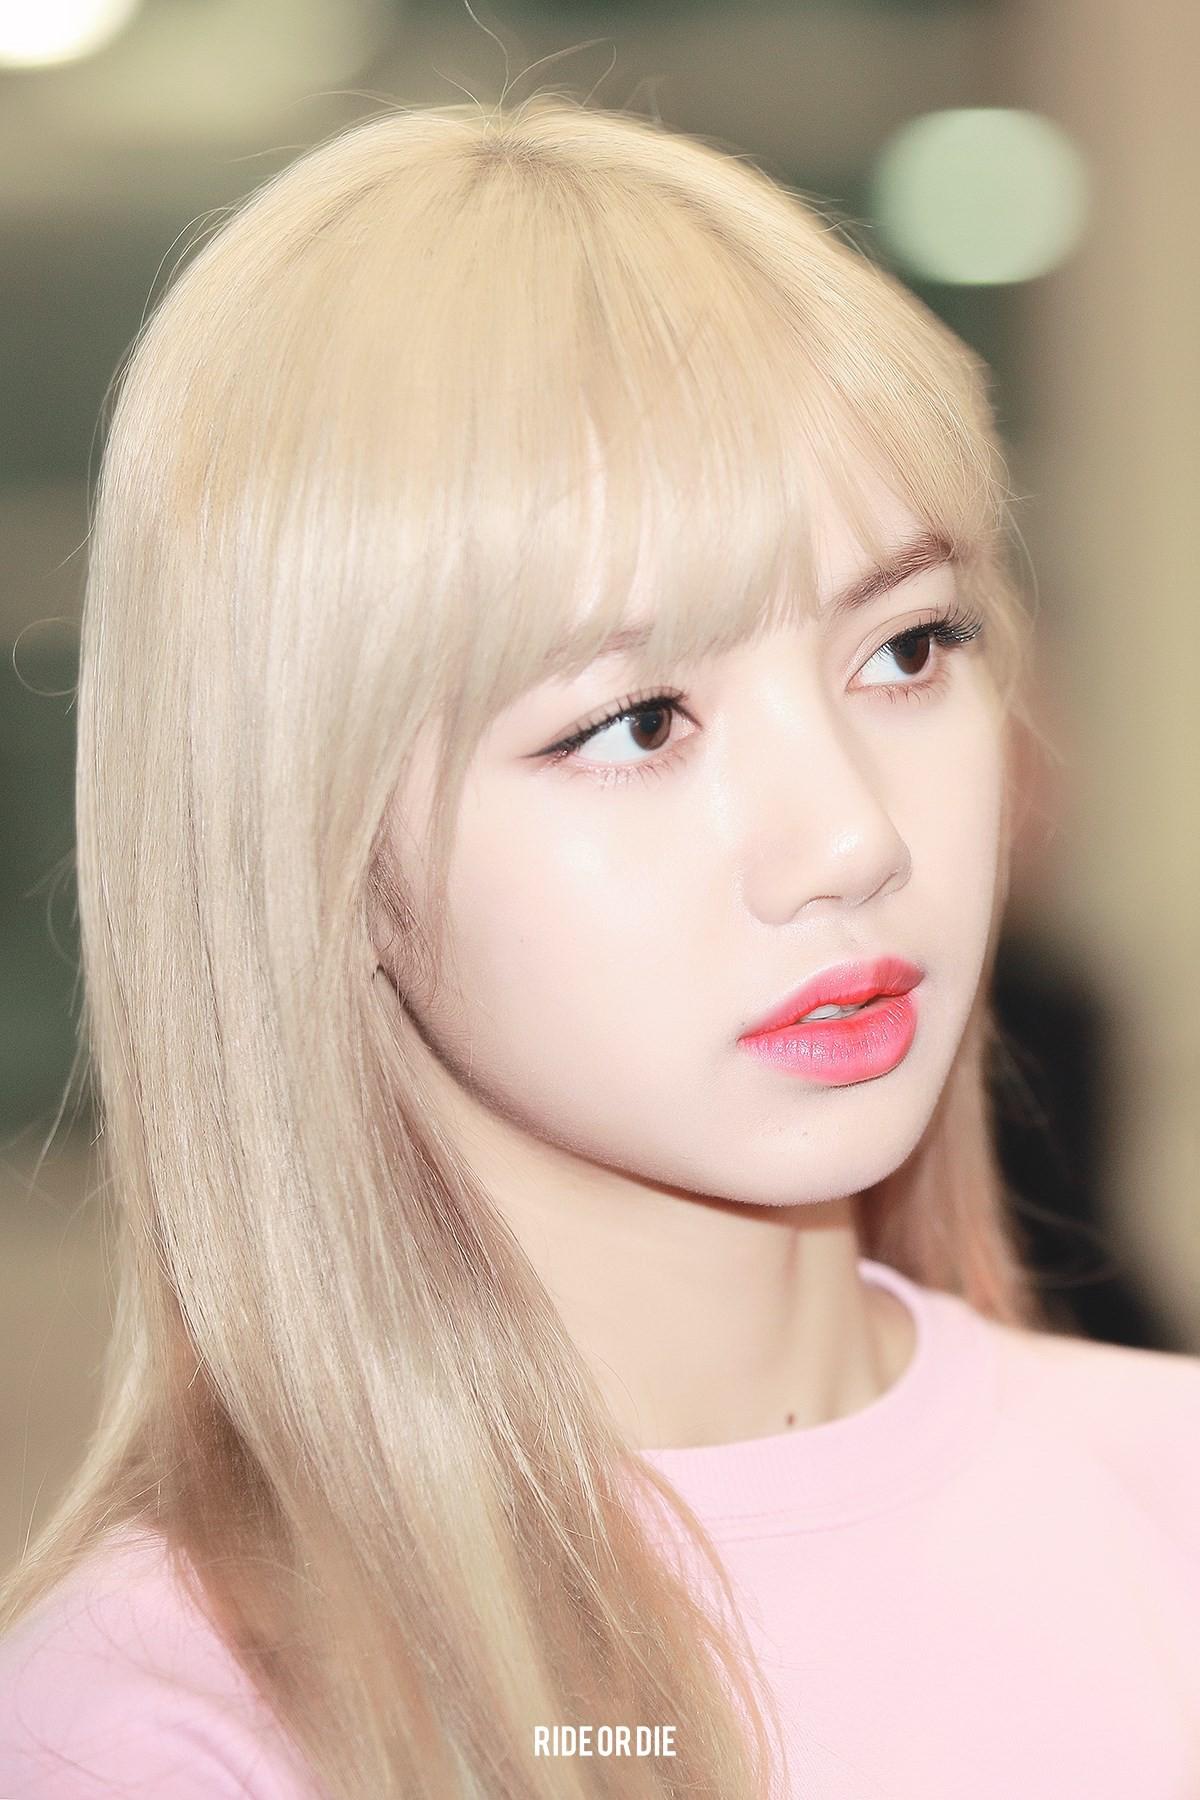 """Lisa dạo này hay lộ ảnh """"kém xinh"""", do makeup sơ sẩy khiến visual tuột điểm hay có ẩn ý gì chăng? - Ảnh 1."""